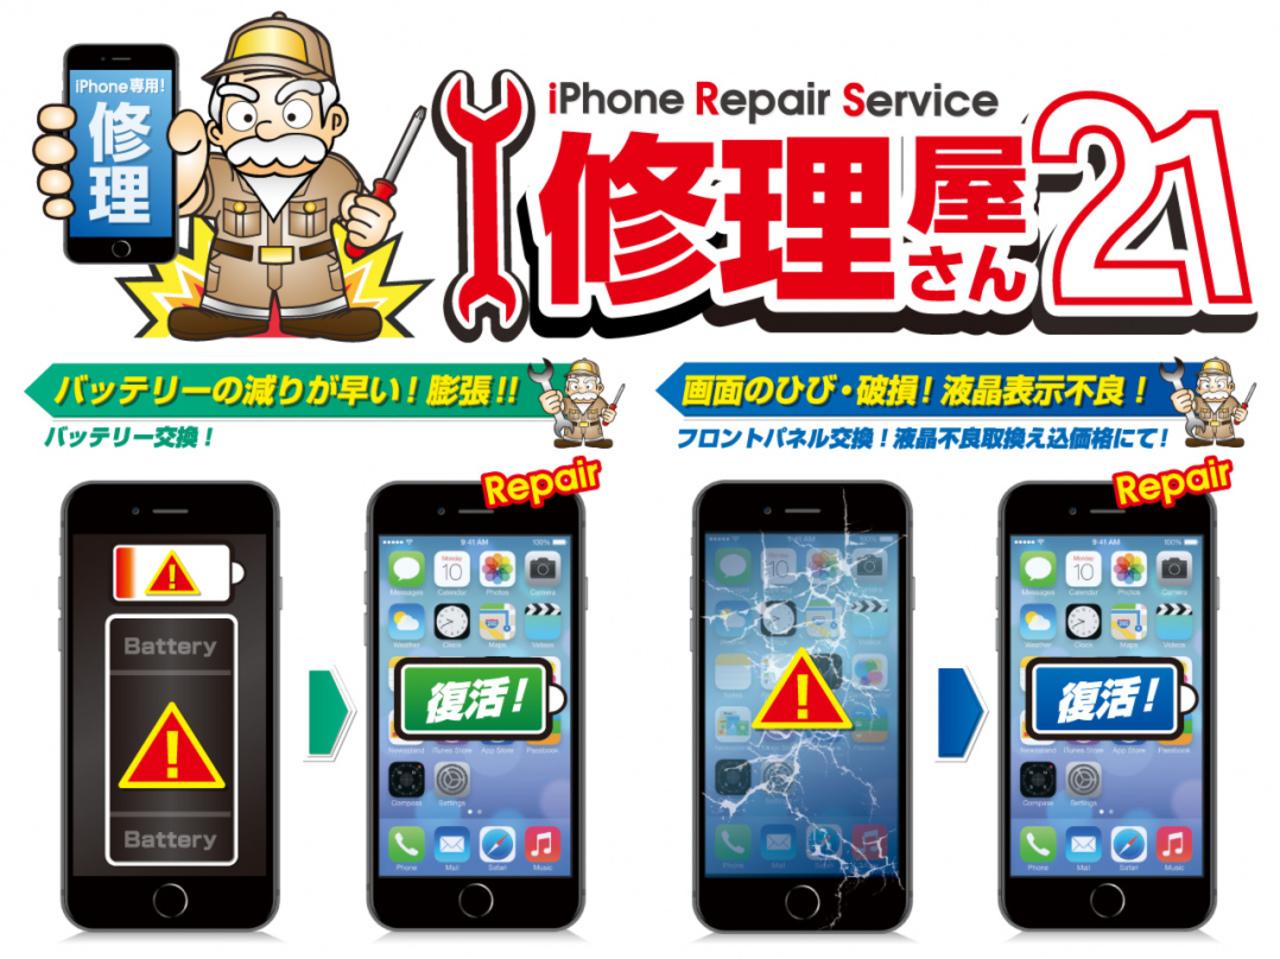 【はんこ屋さん21 三次店】iPhone修理サービスの受付スタートしました